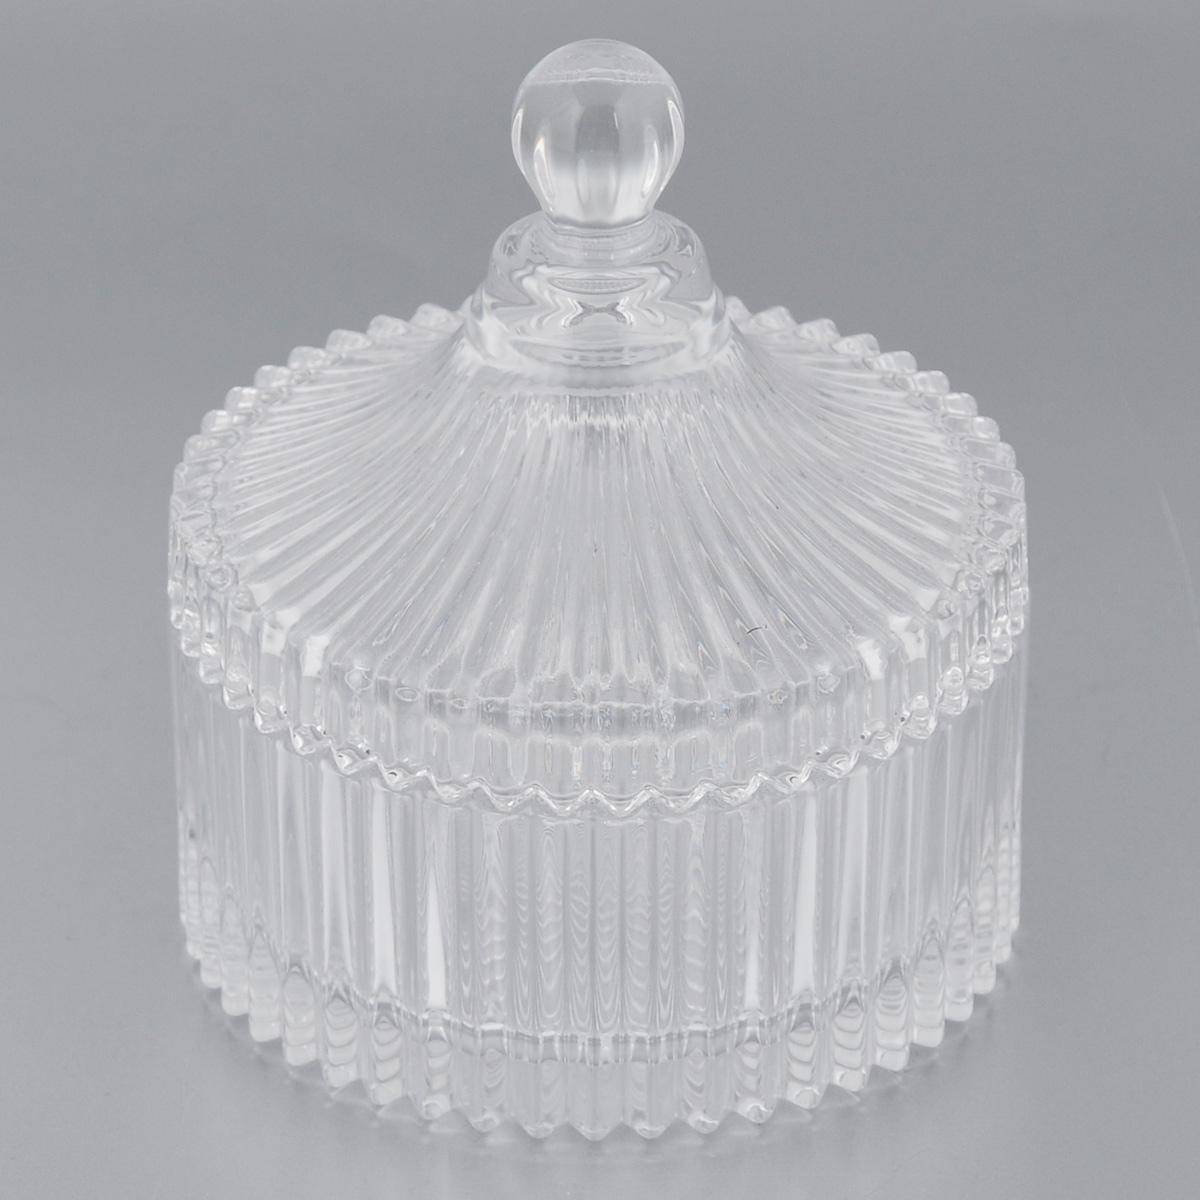 Конфетница Soga Diamond Fire, с крышкой, диаметр 11 смZ1476WЭлегантная конфетница Soga Diamond Fire, изготовленная из прочного стекла, имеет многогранную рельефную поверхность. Конфетница оснащена крышкой с удобной ручкой. Изделие предназначено для подачи сладостей (конфет, сахара, меда, изюма, орехов и многого другого). Она придает легкость, воздушность сервировке стола и создаст особую атмосферу праздника. Конфетница Soga Diamond Fire не только украсит ваш кухонный стол и подчеркнет прекрасный вкус хозяина, но и станет отличным подарком для ваших близких и друзей. Можно мыть в посудомоечной машине. Диаметр конфетницы (по верхнему краю): 11 см. Высота конфетницы (с учетом крышки): 12 см.